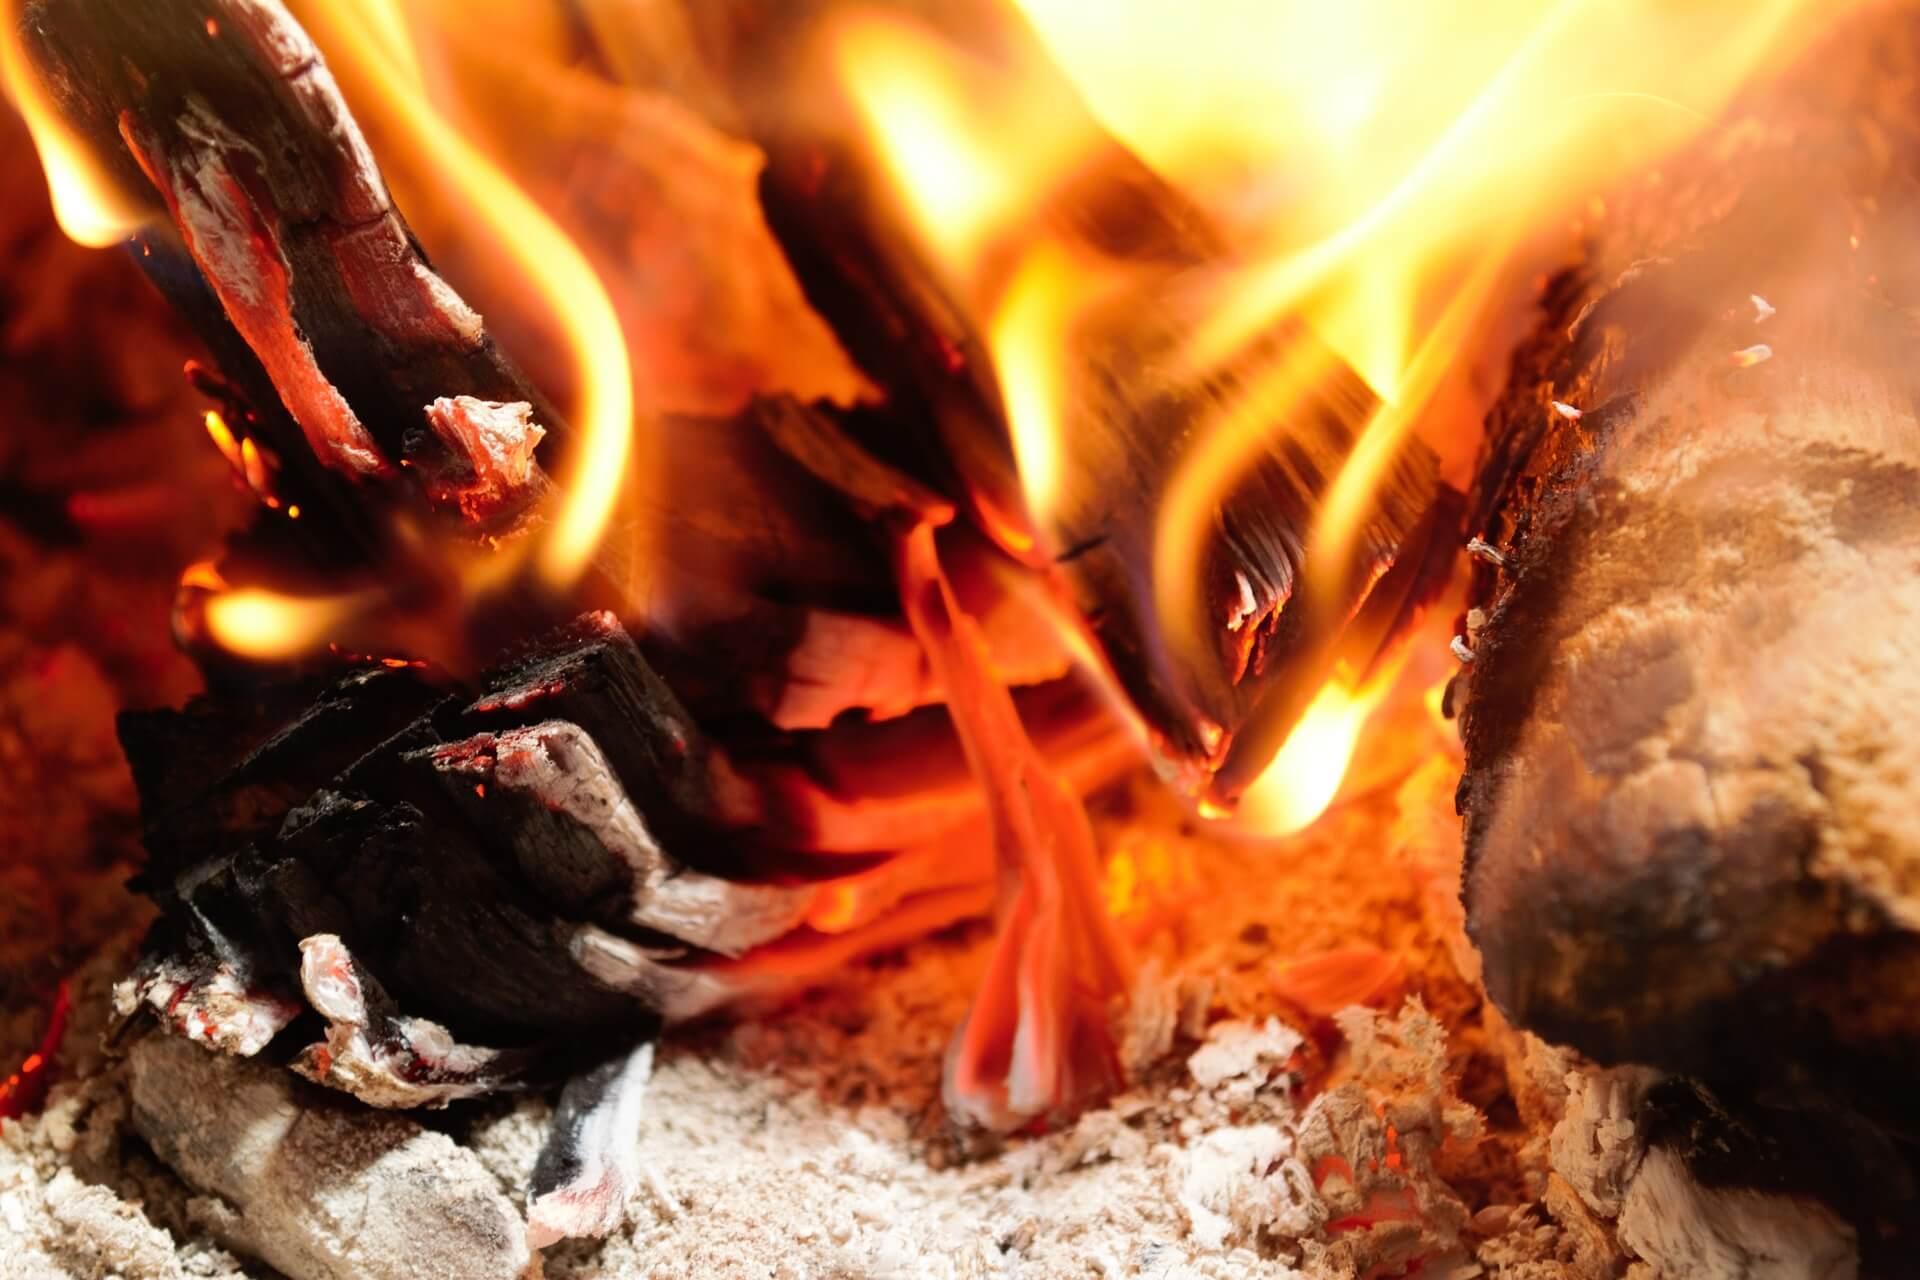 fire-1539778_1920